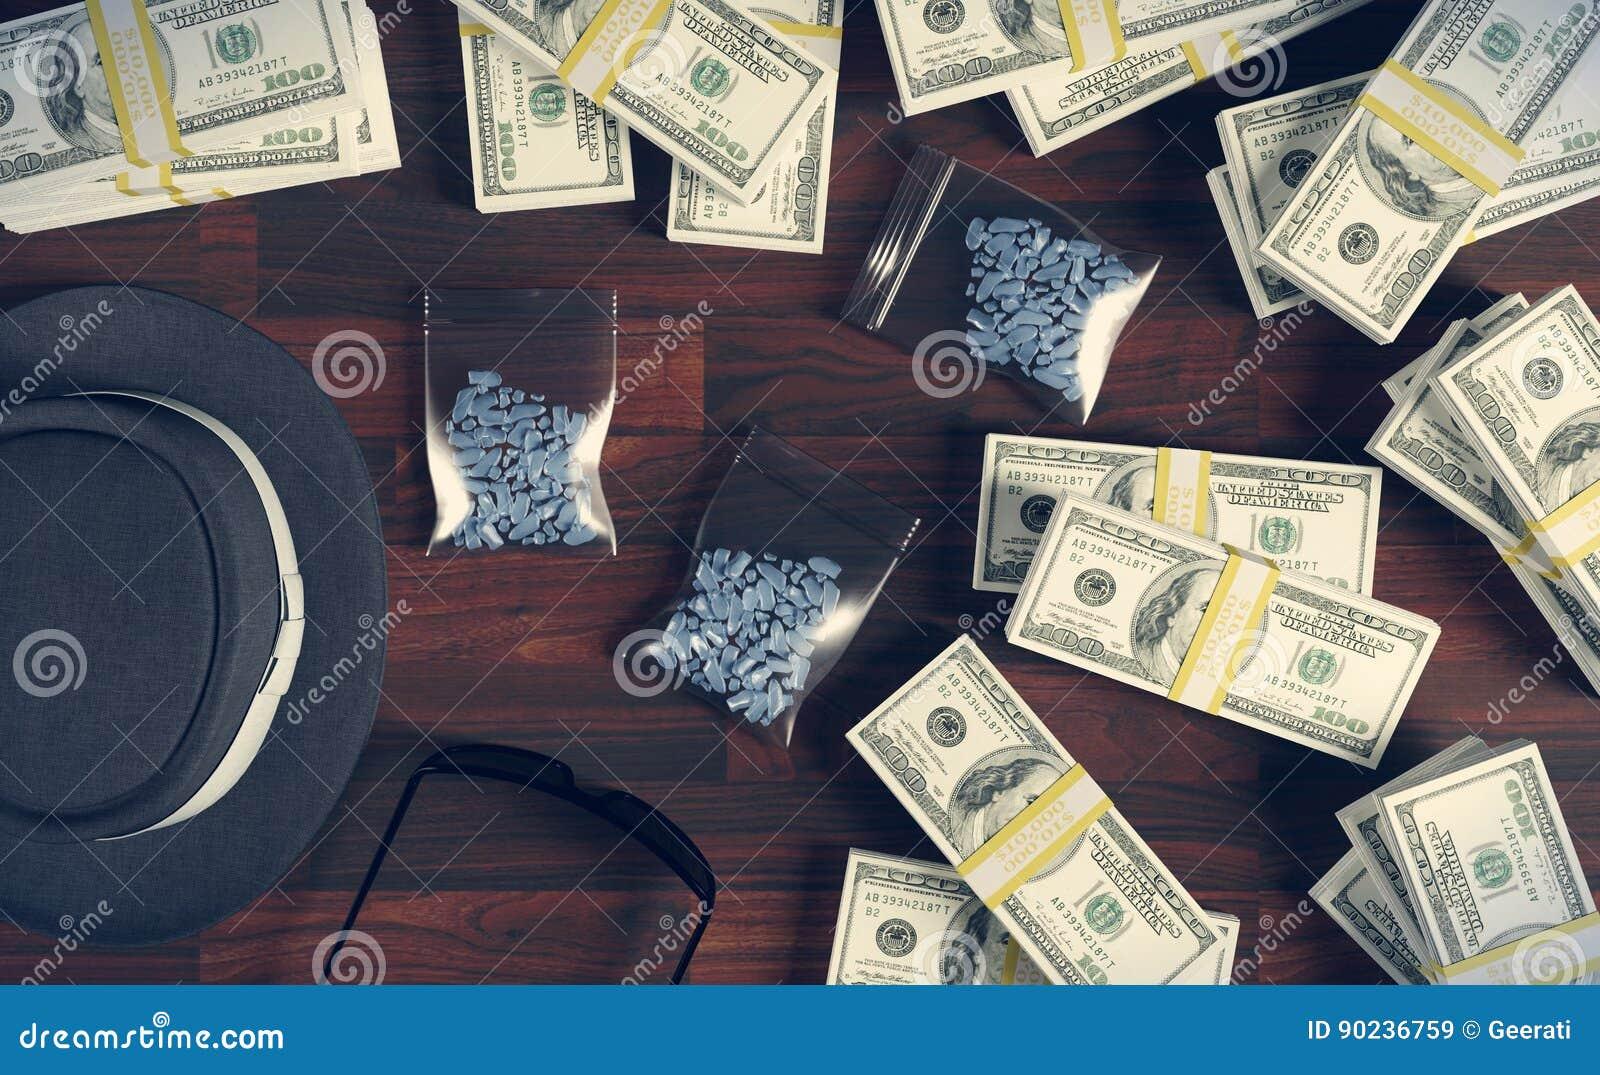 Illegal Business Drugs And Dollars, Mafia Drug Dealer Stock